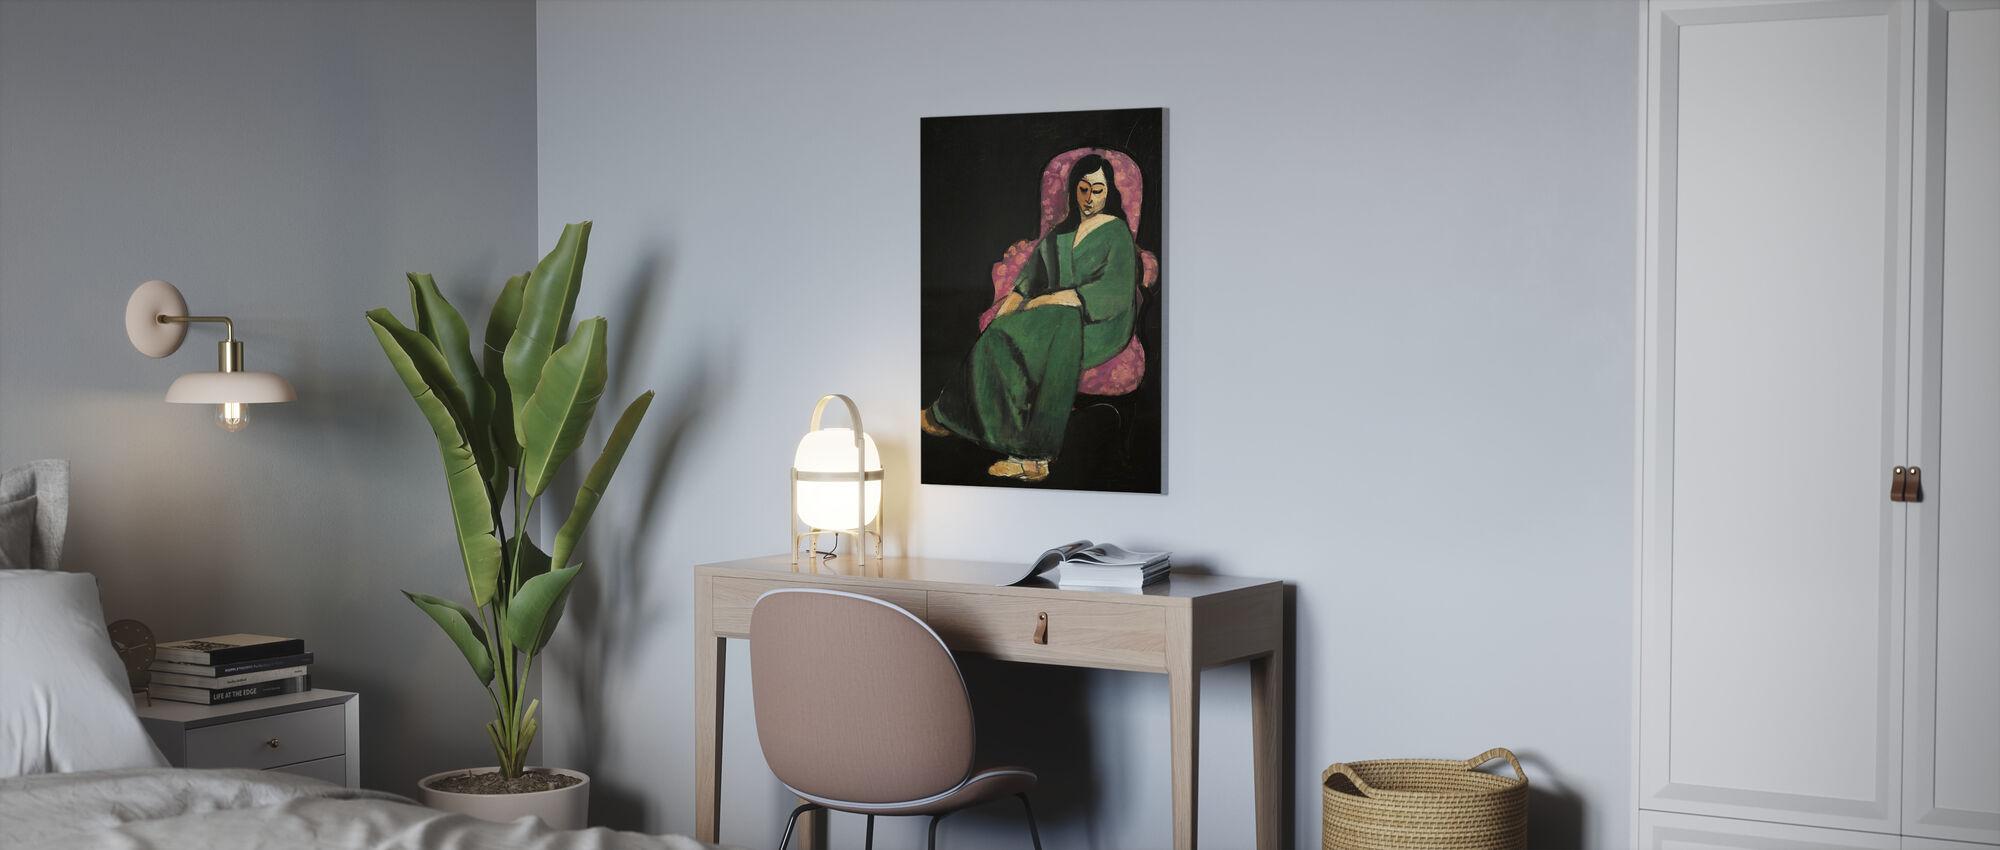 Dienstmeisjes verhaal - Henri Matisse - Canvas print - Kantoor